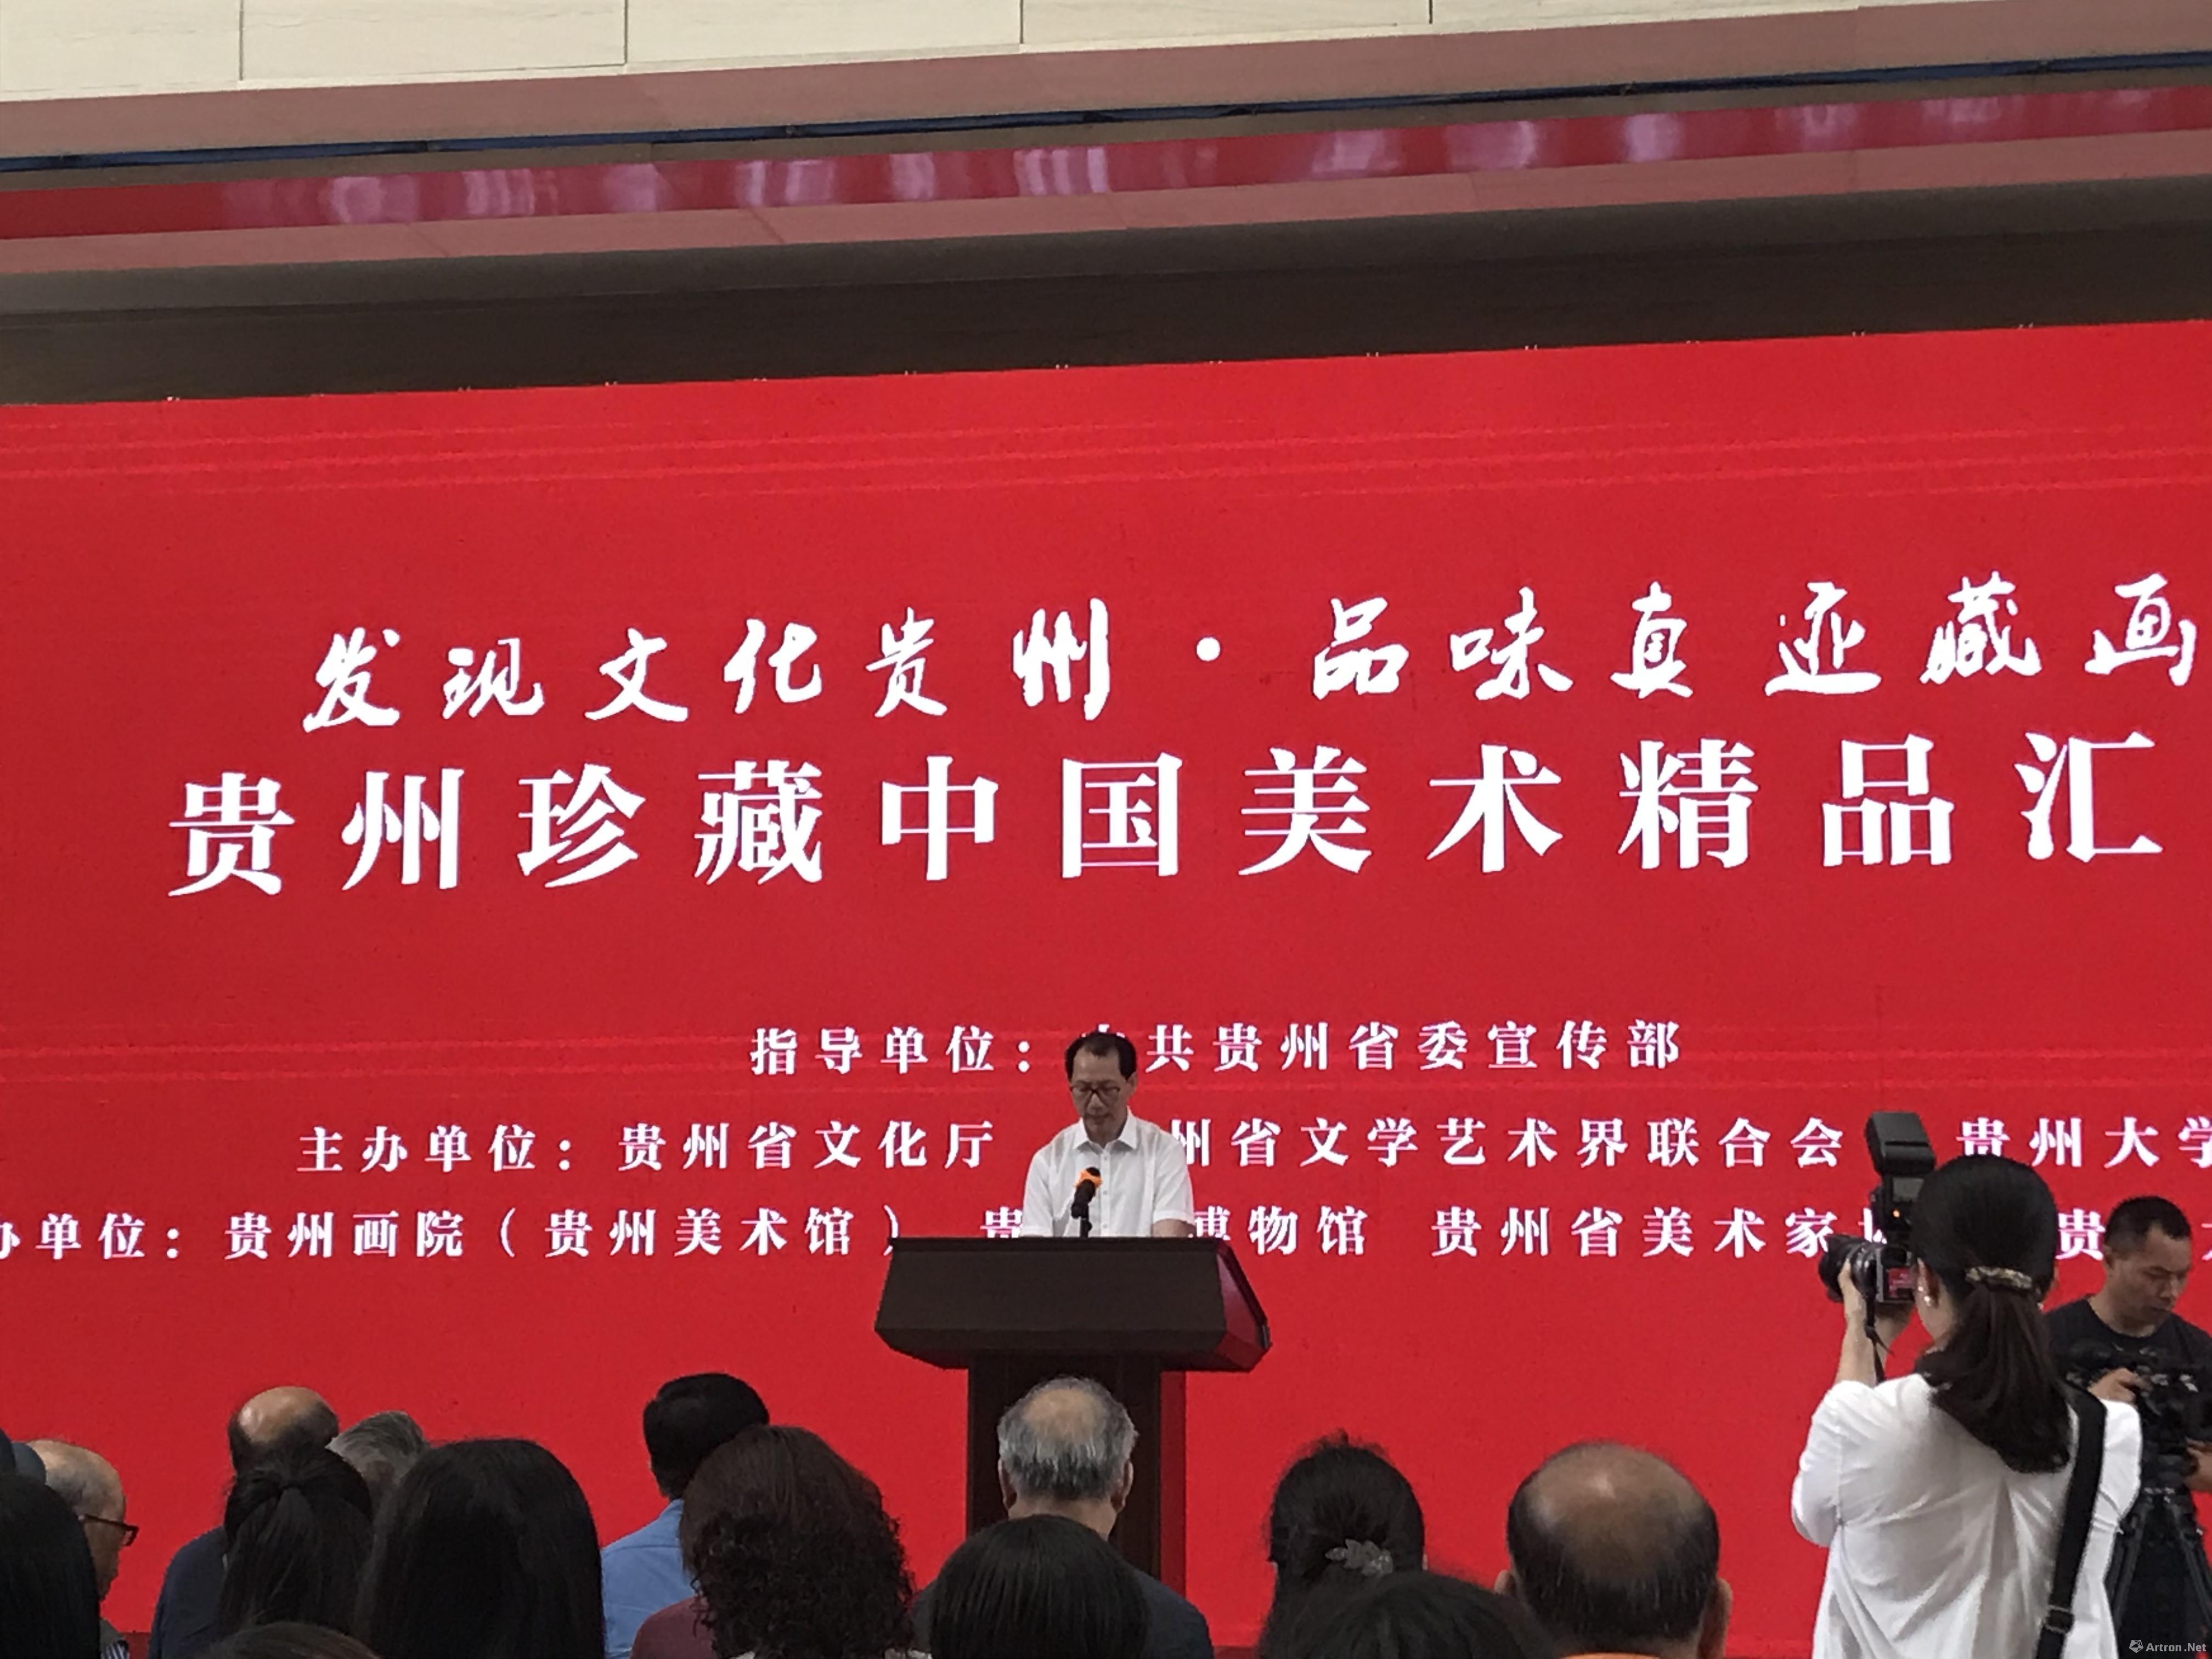 贵州省文化厅厅长、党组书记张玉广在展览开幕式上致辞